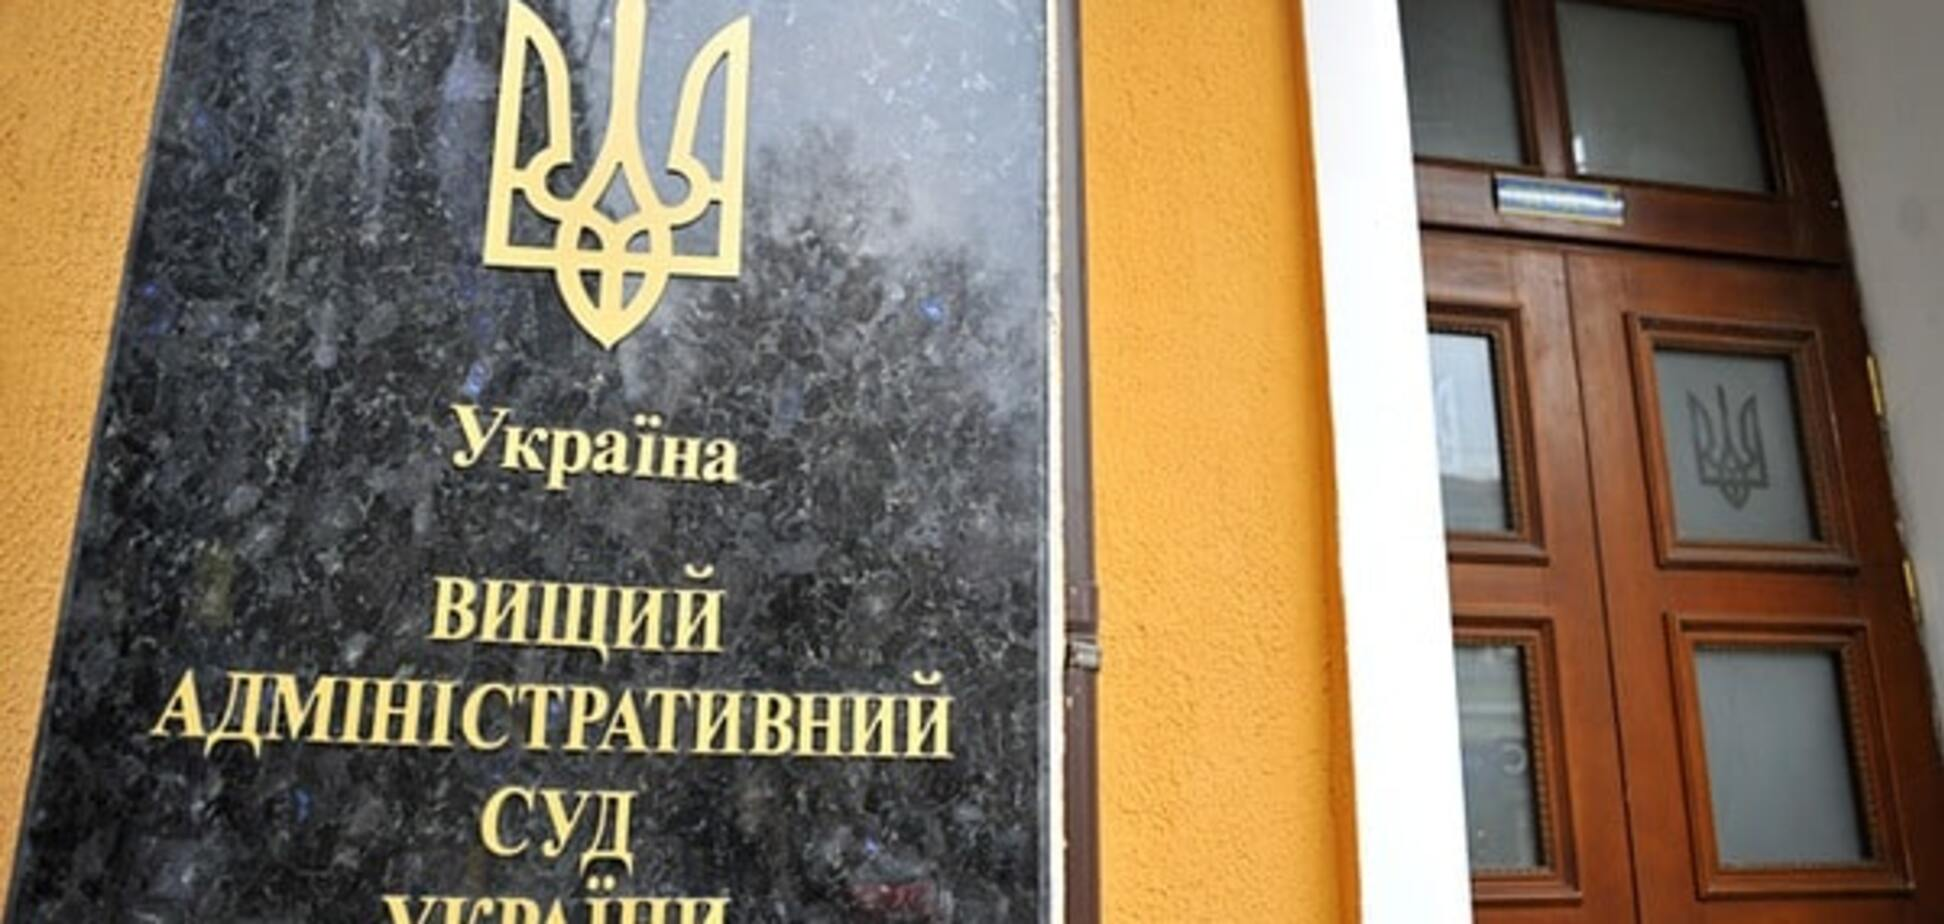 Спроба маніпуляції: у ВАСУ відреагували на звинувачення Деканоїдзе